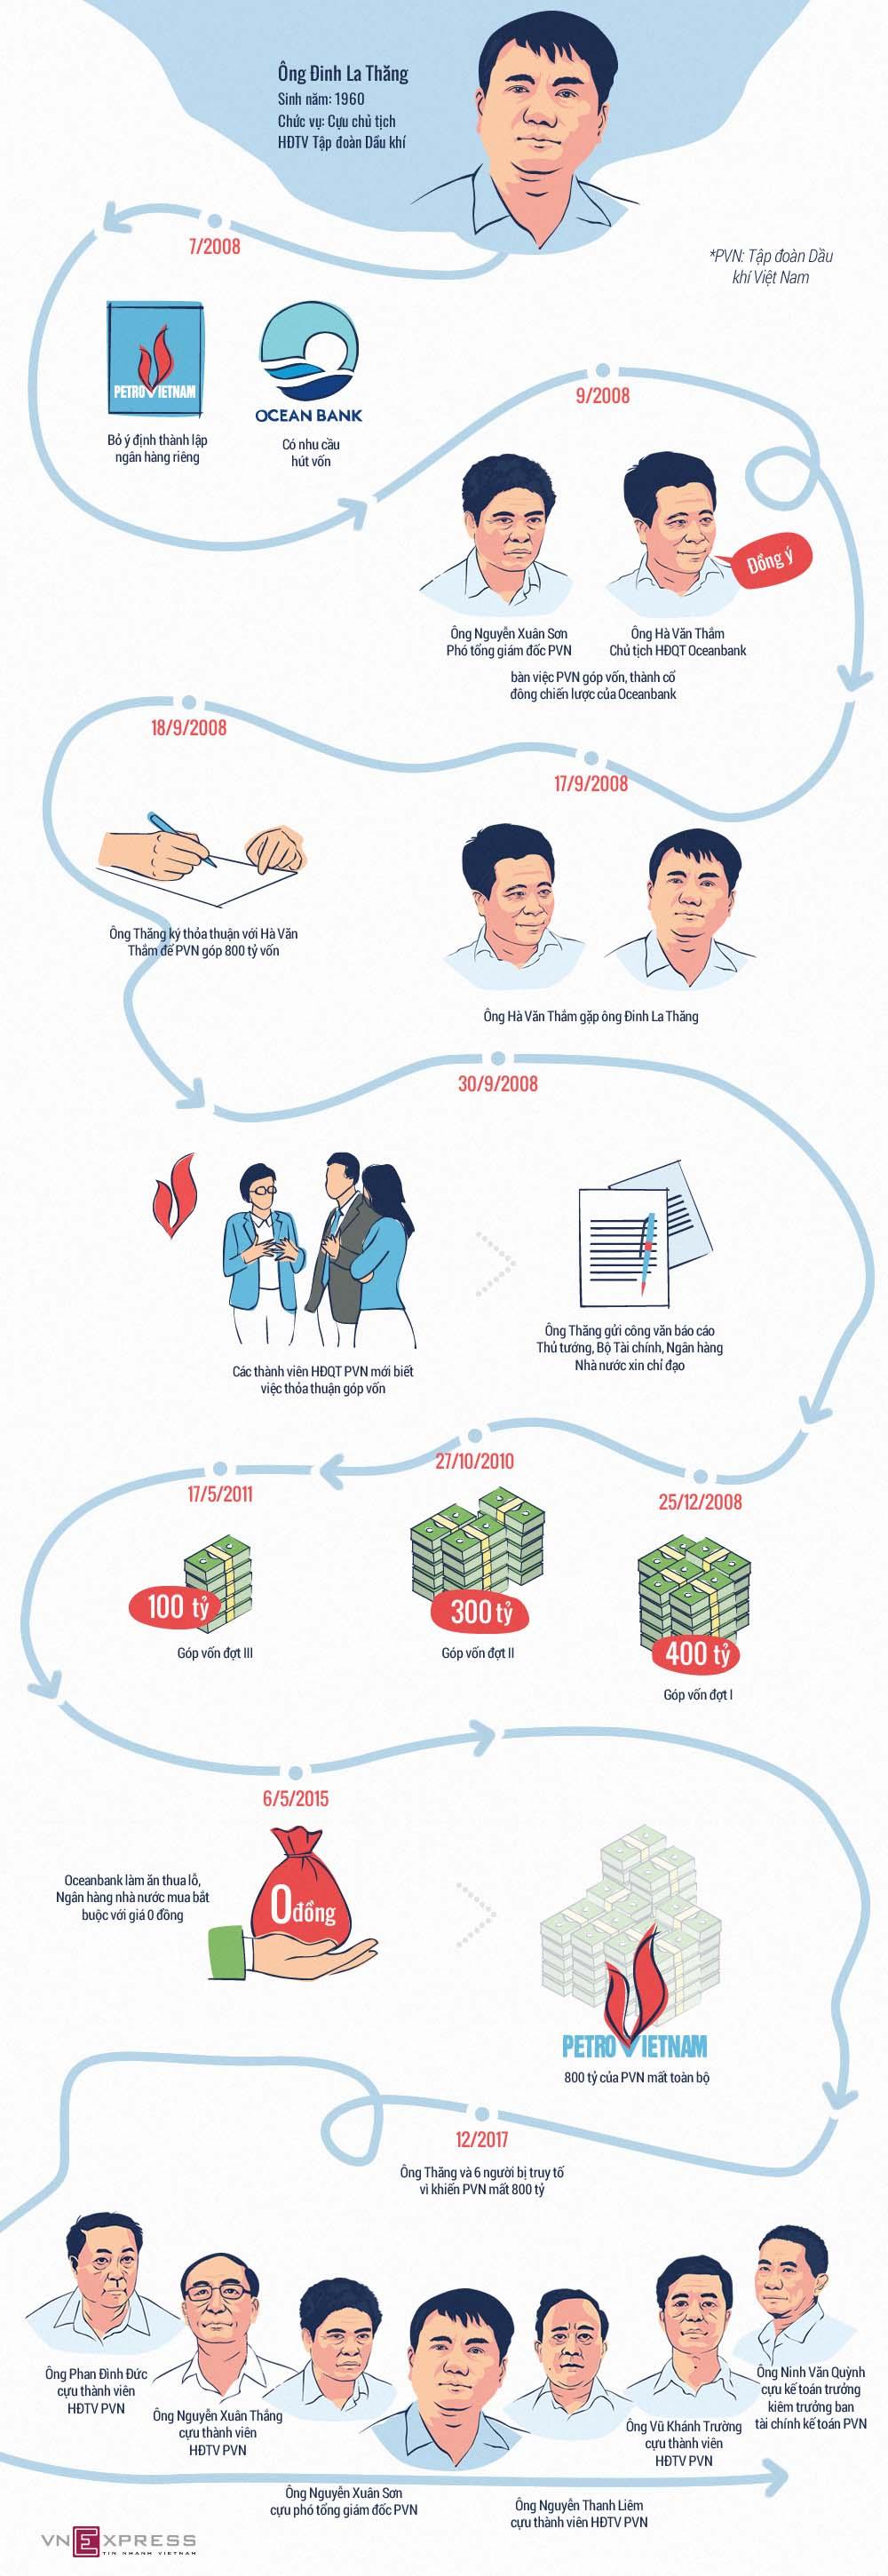 Vì sao PVN mất 800 tỷ đồng khi đầu tư vào OceanBank